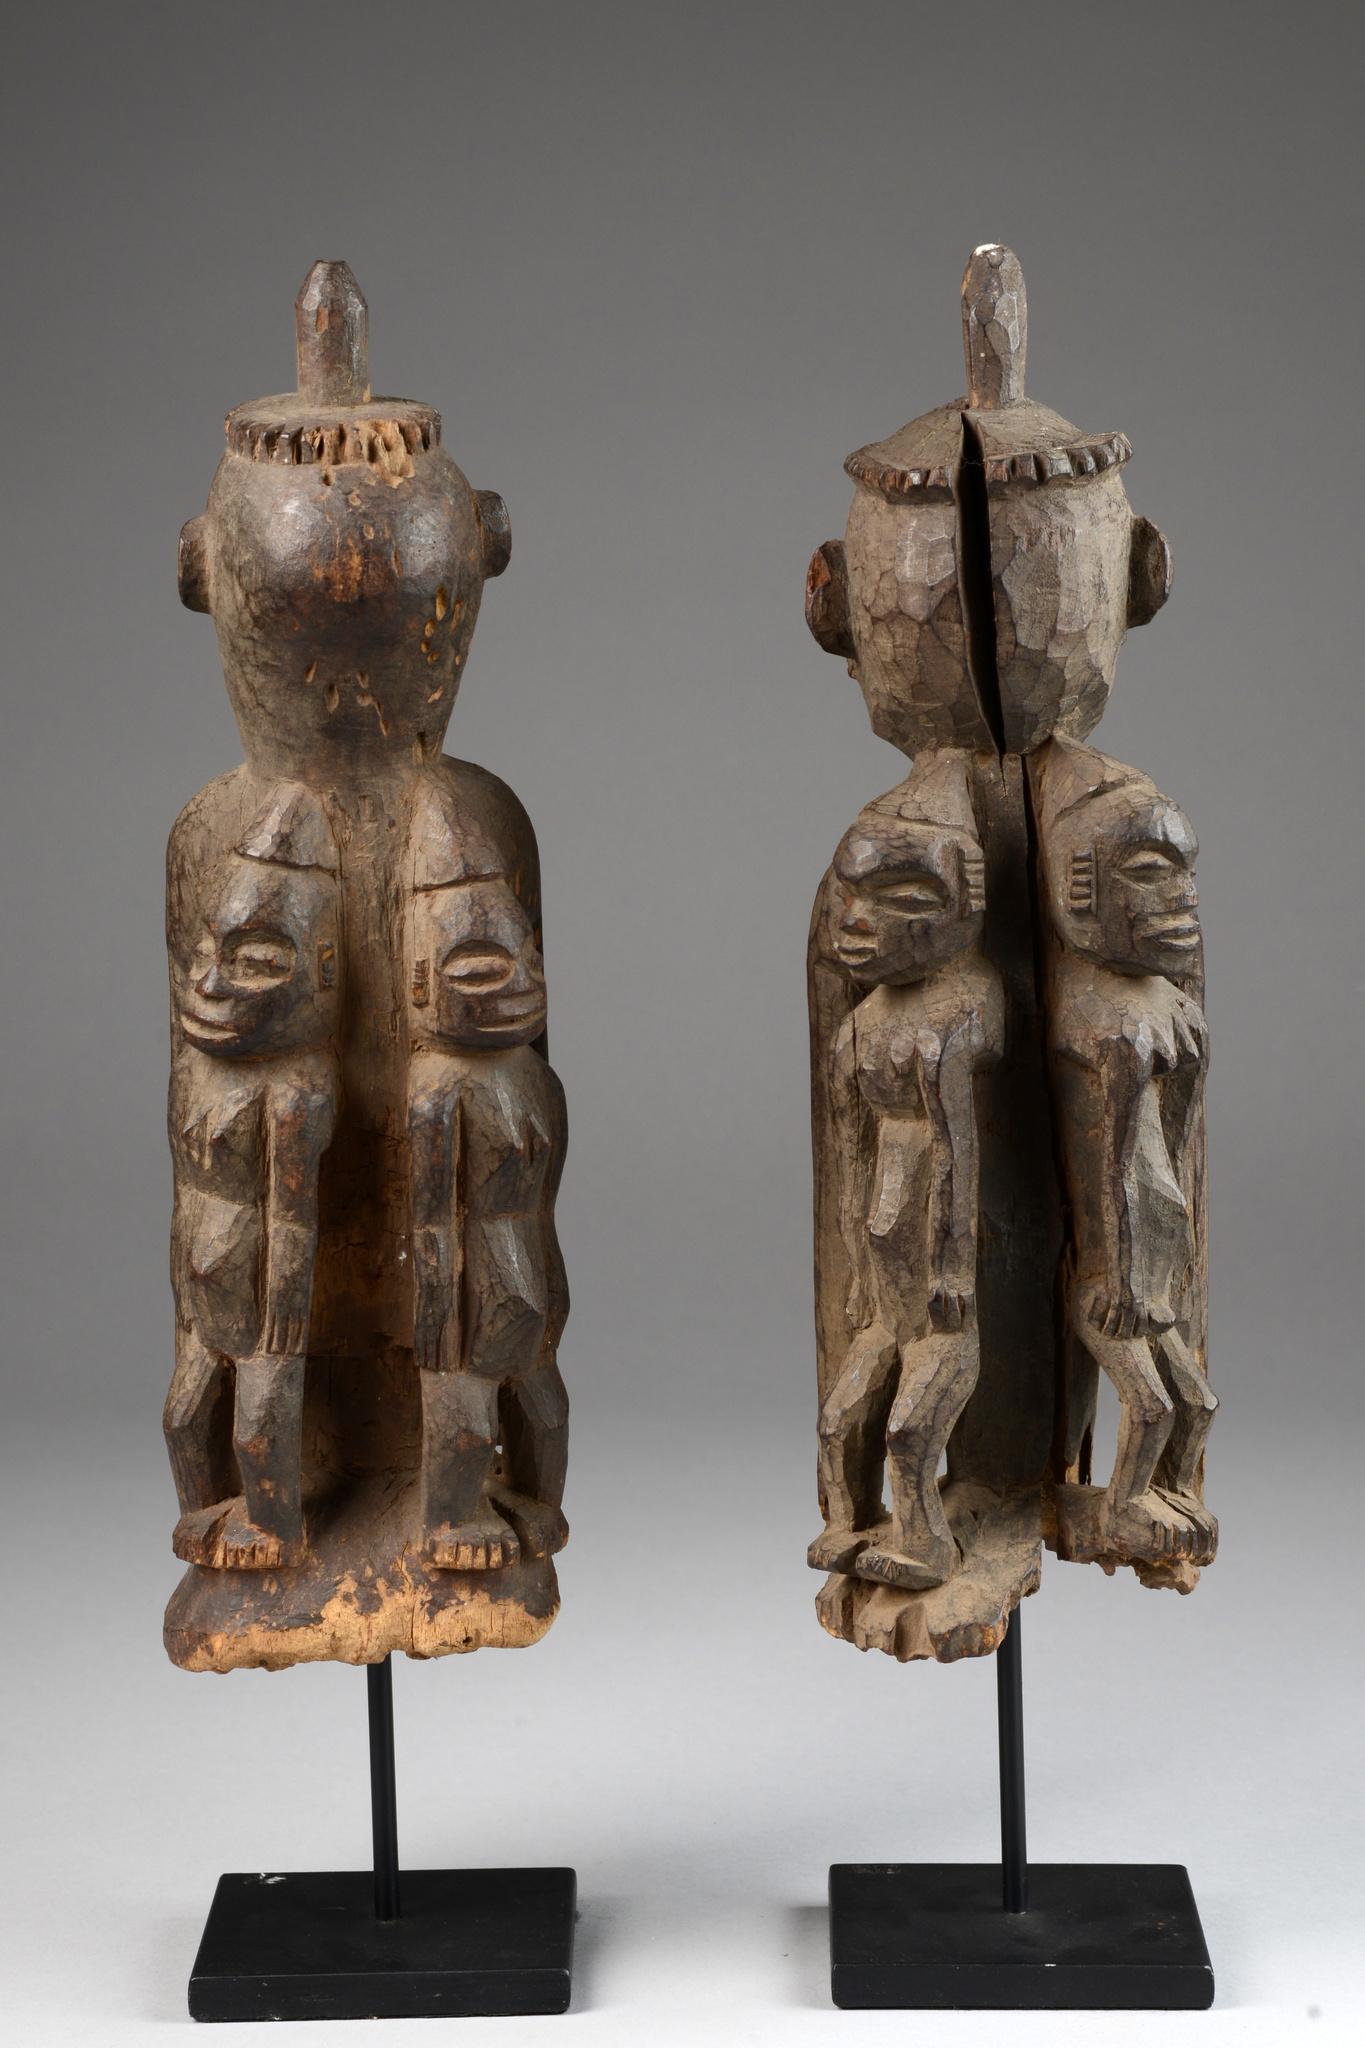 Pair of figures